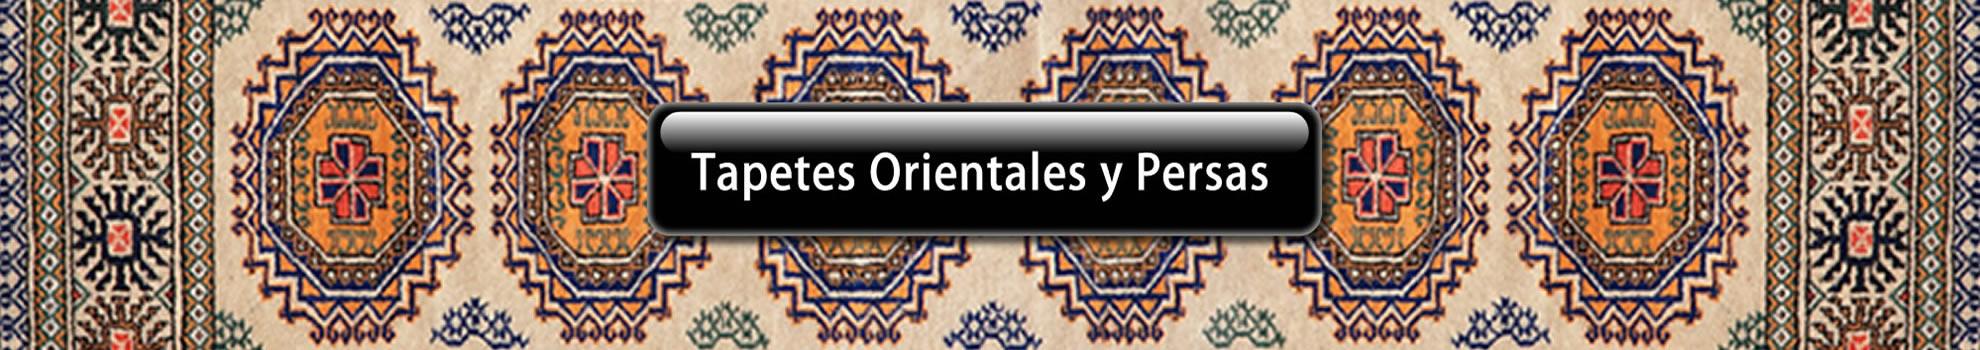 Limpieza mantenimiento y reparacion de tapetes orientales Alfombras persas en mexico